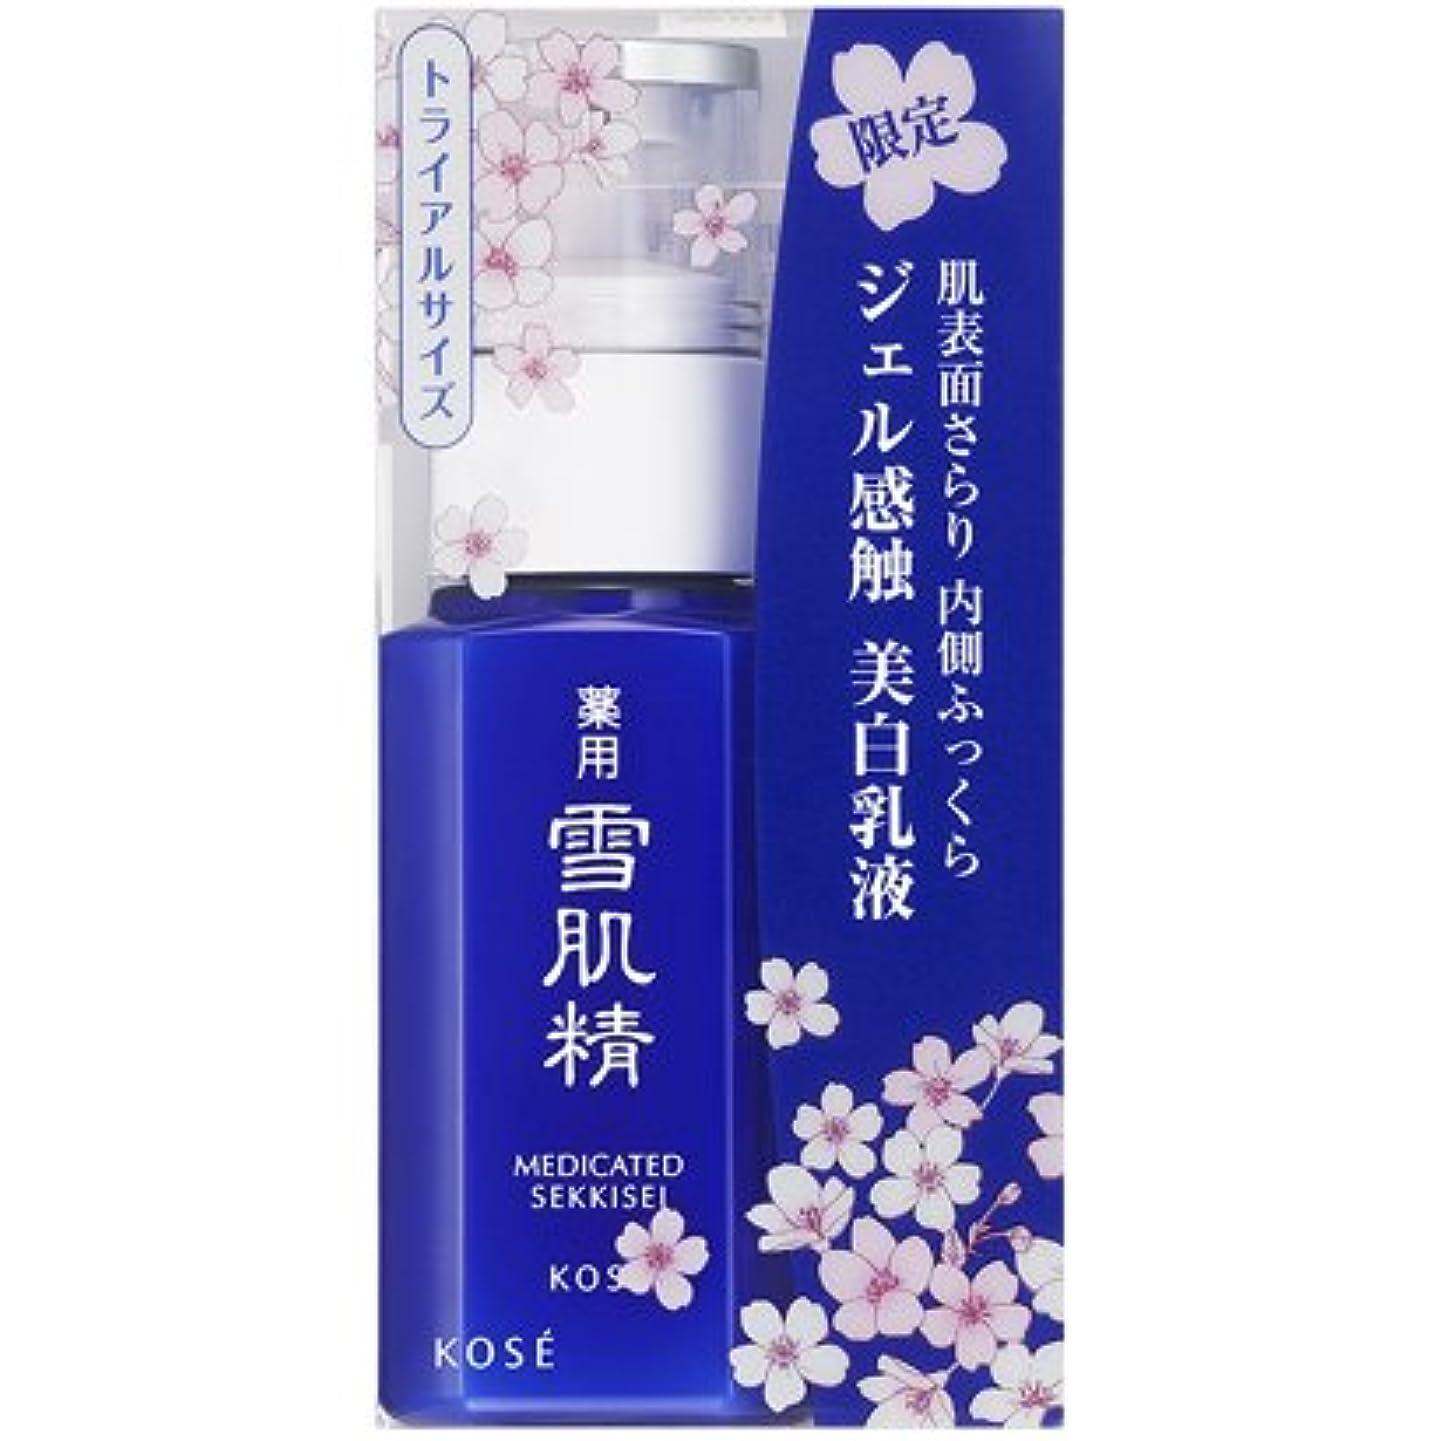 タブレットレンドグラフコーセー 薬用 雪肌精 乳液(ハーフサイズ) 【桜】 70mL